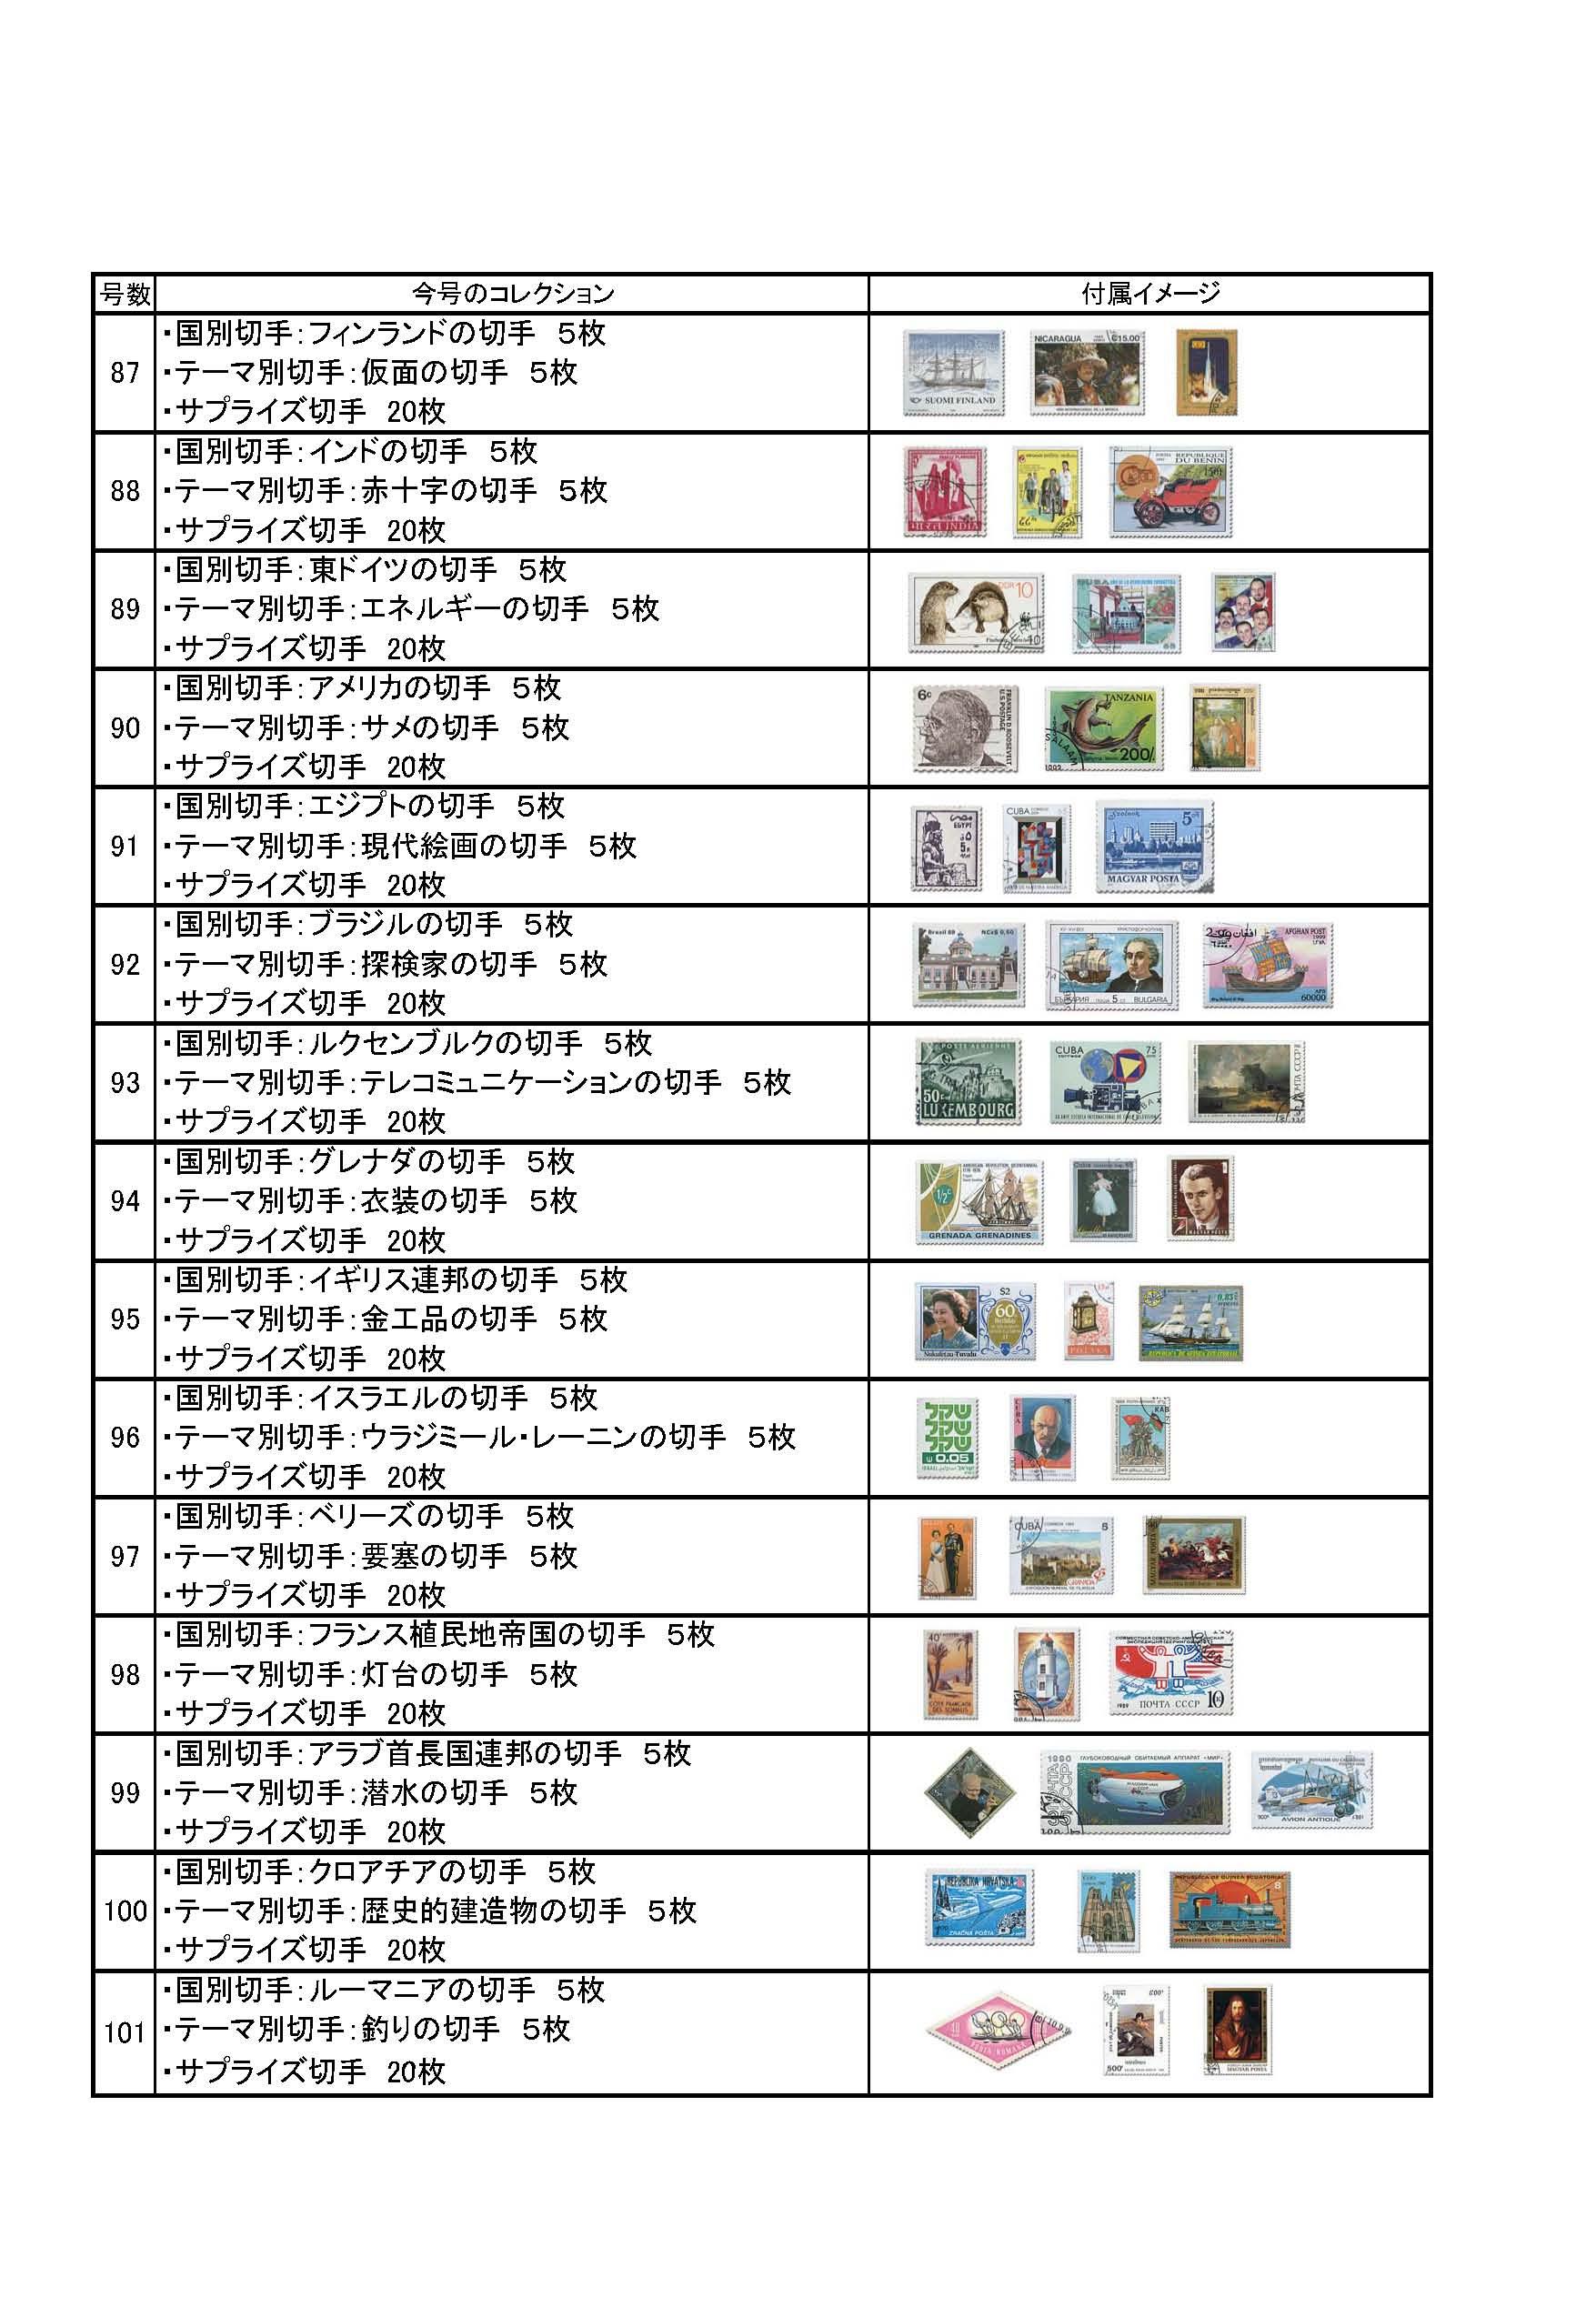 付属切手ラインナップ_20170817 (1)_ページ_07.jpg